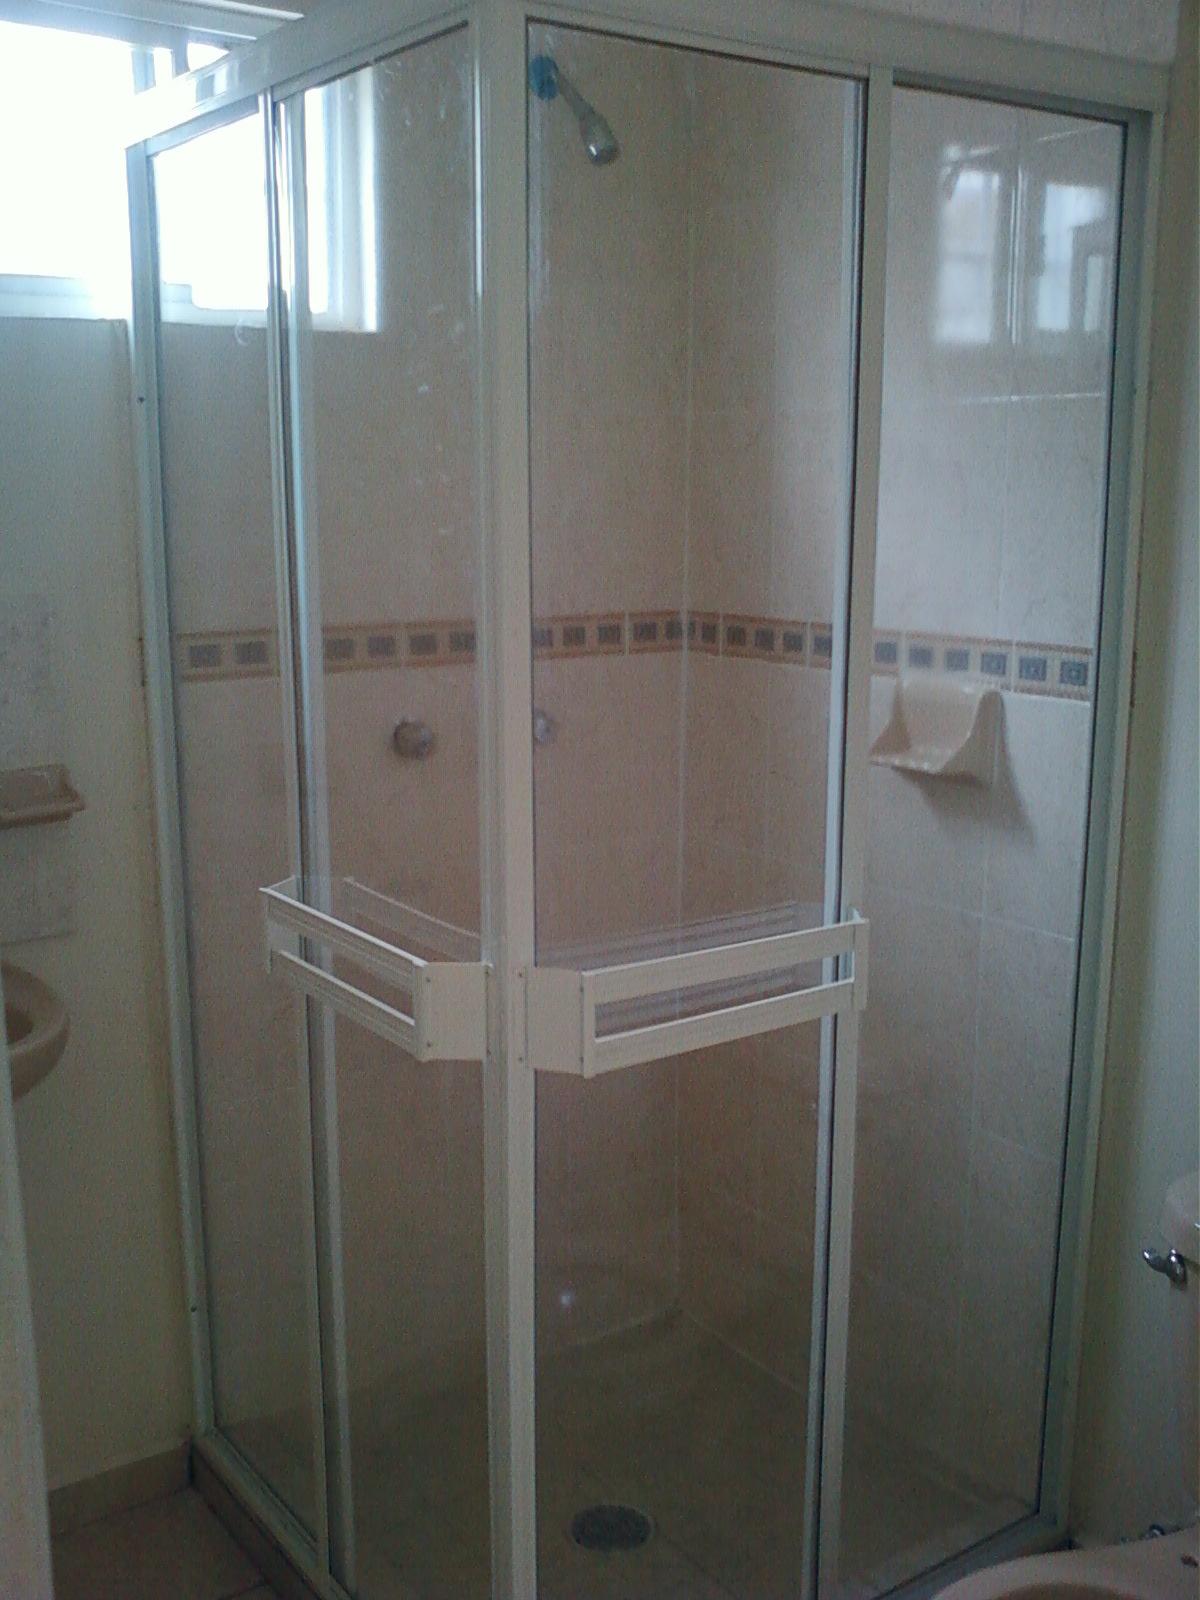 Imagenes De Baños Residenciales:aluminio y vidrio del Río: Cancel de baño